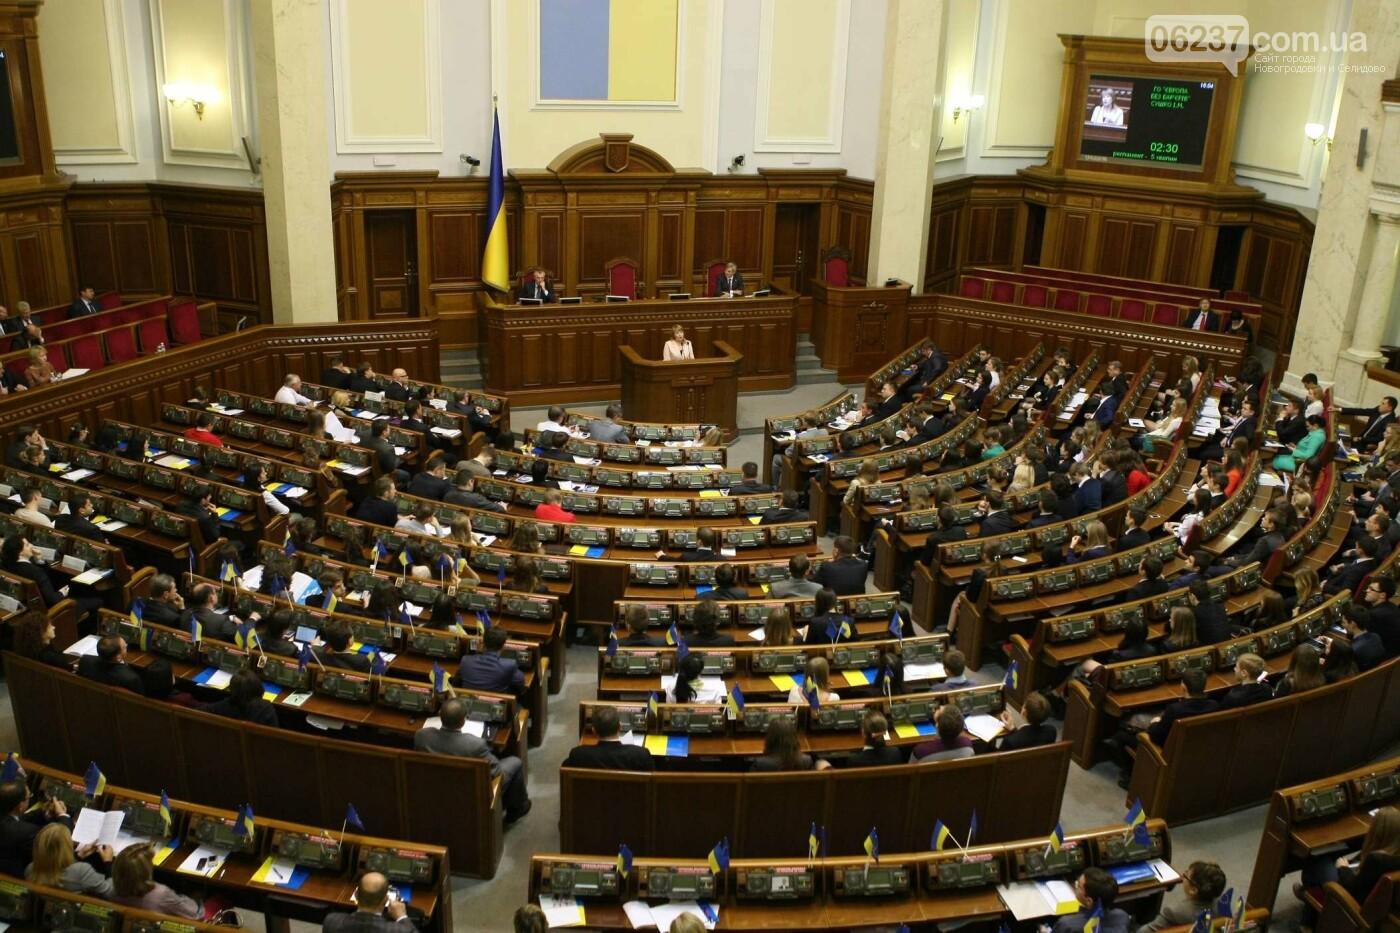 В Раде зарегистрирован законопроект об особом статусе Донбасса, фото-1